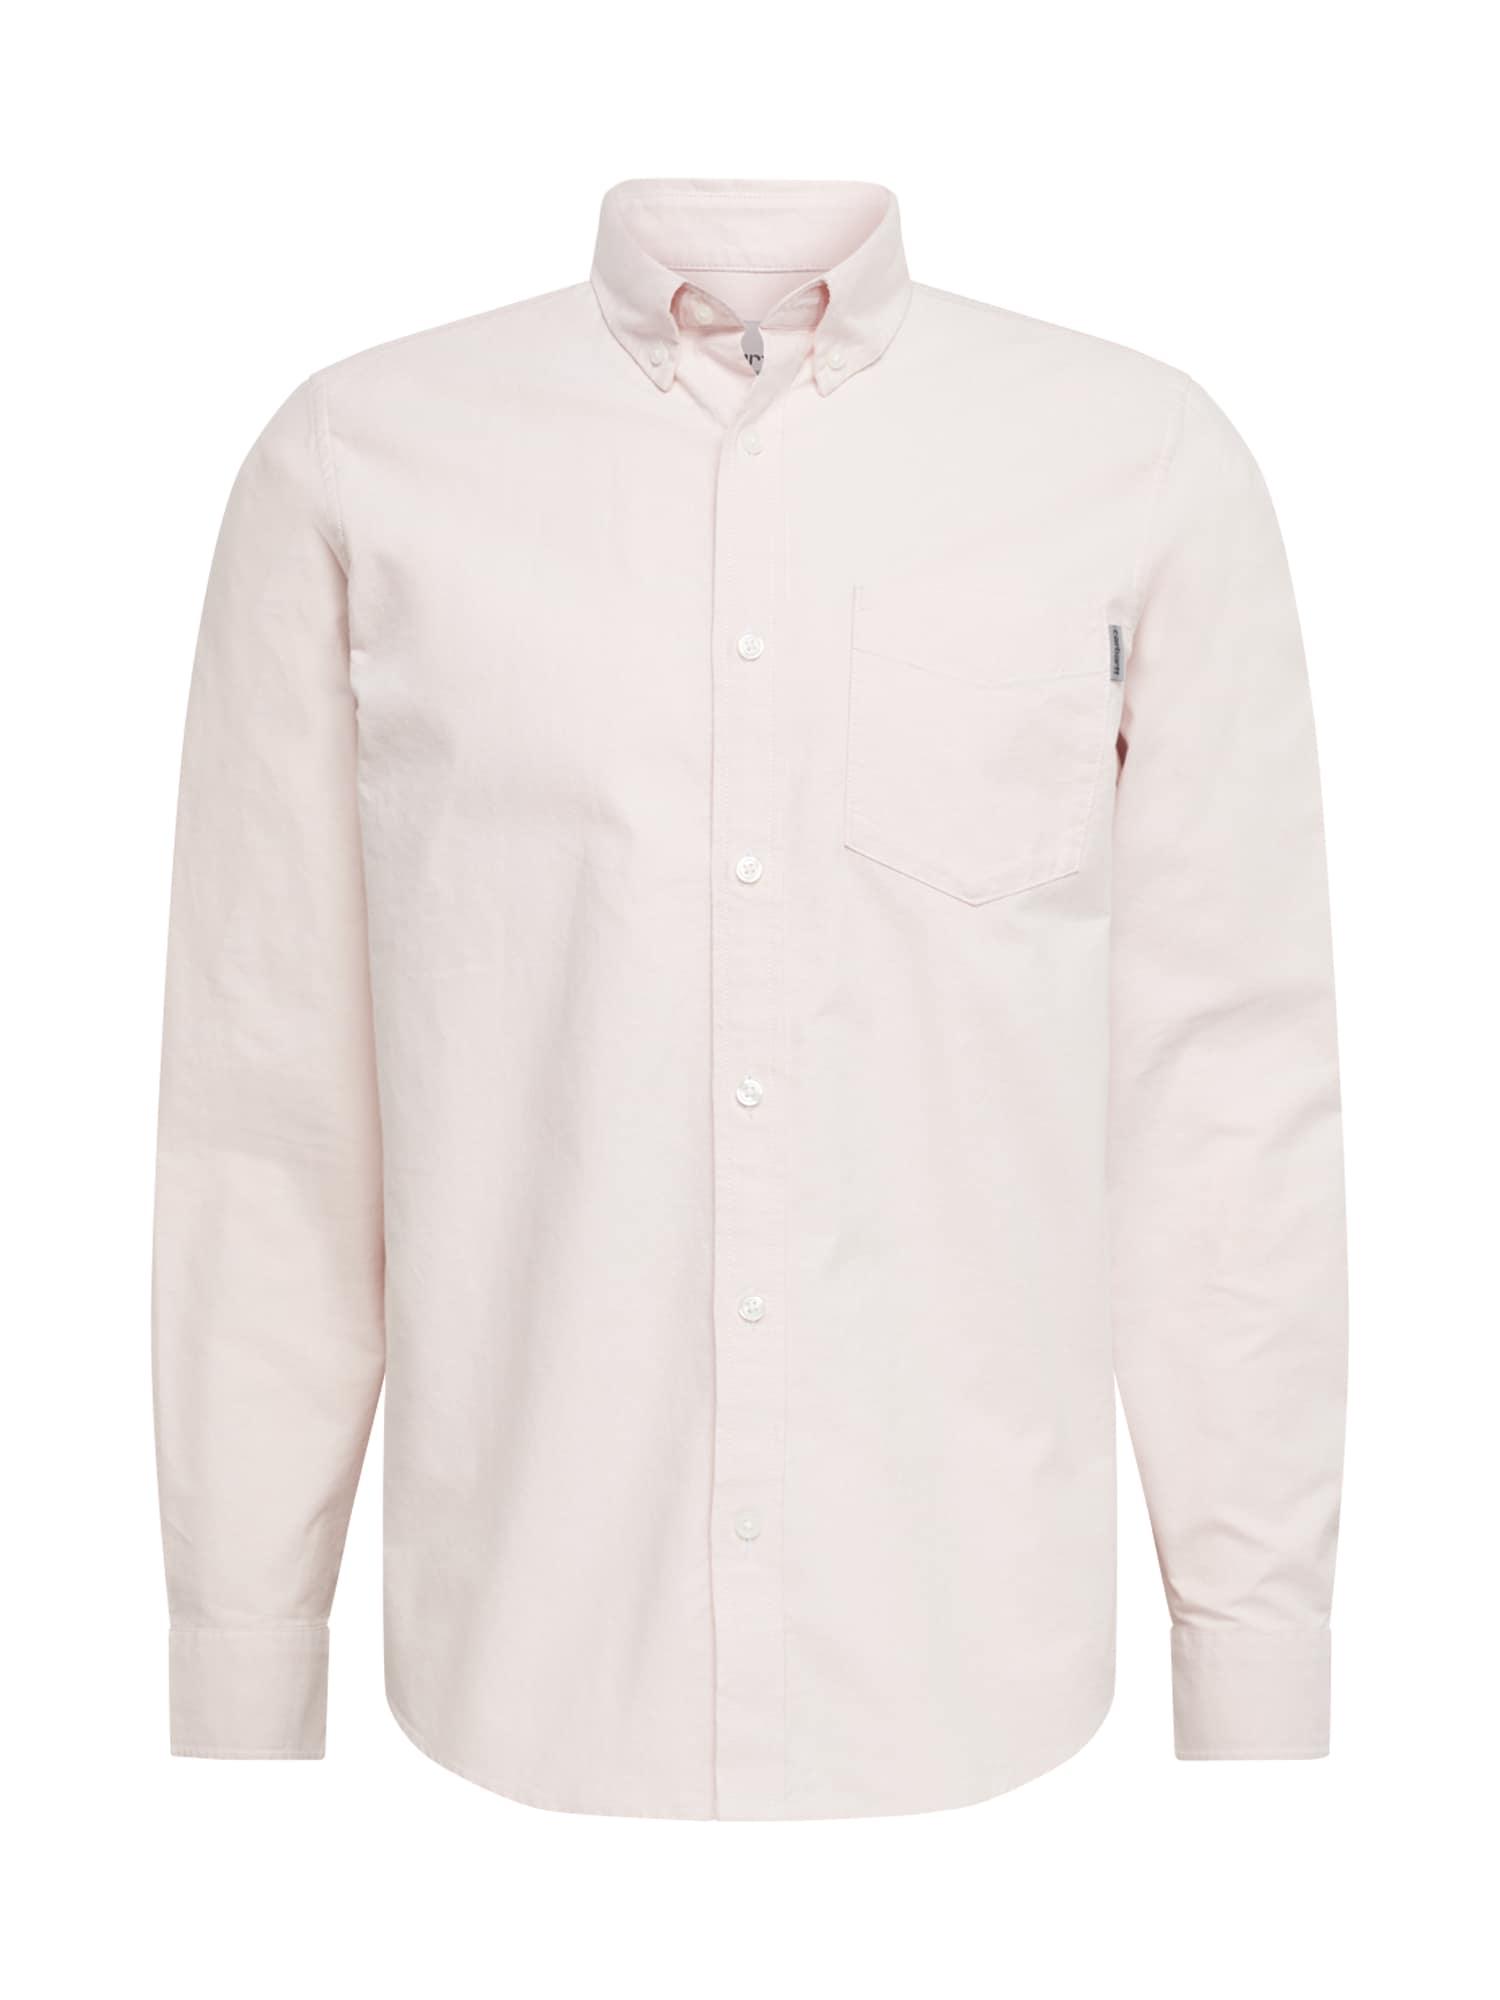 Carhartt WIP Dalykiniai marškiniai 'L/S Button Down Pocket' rožių spalva